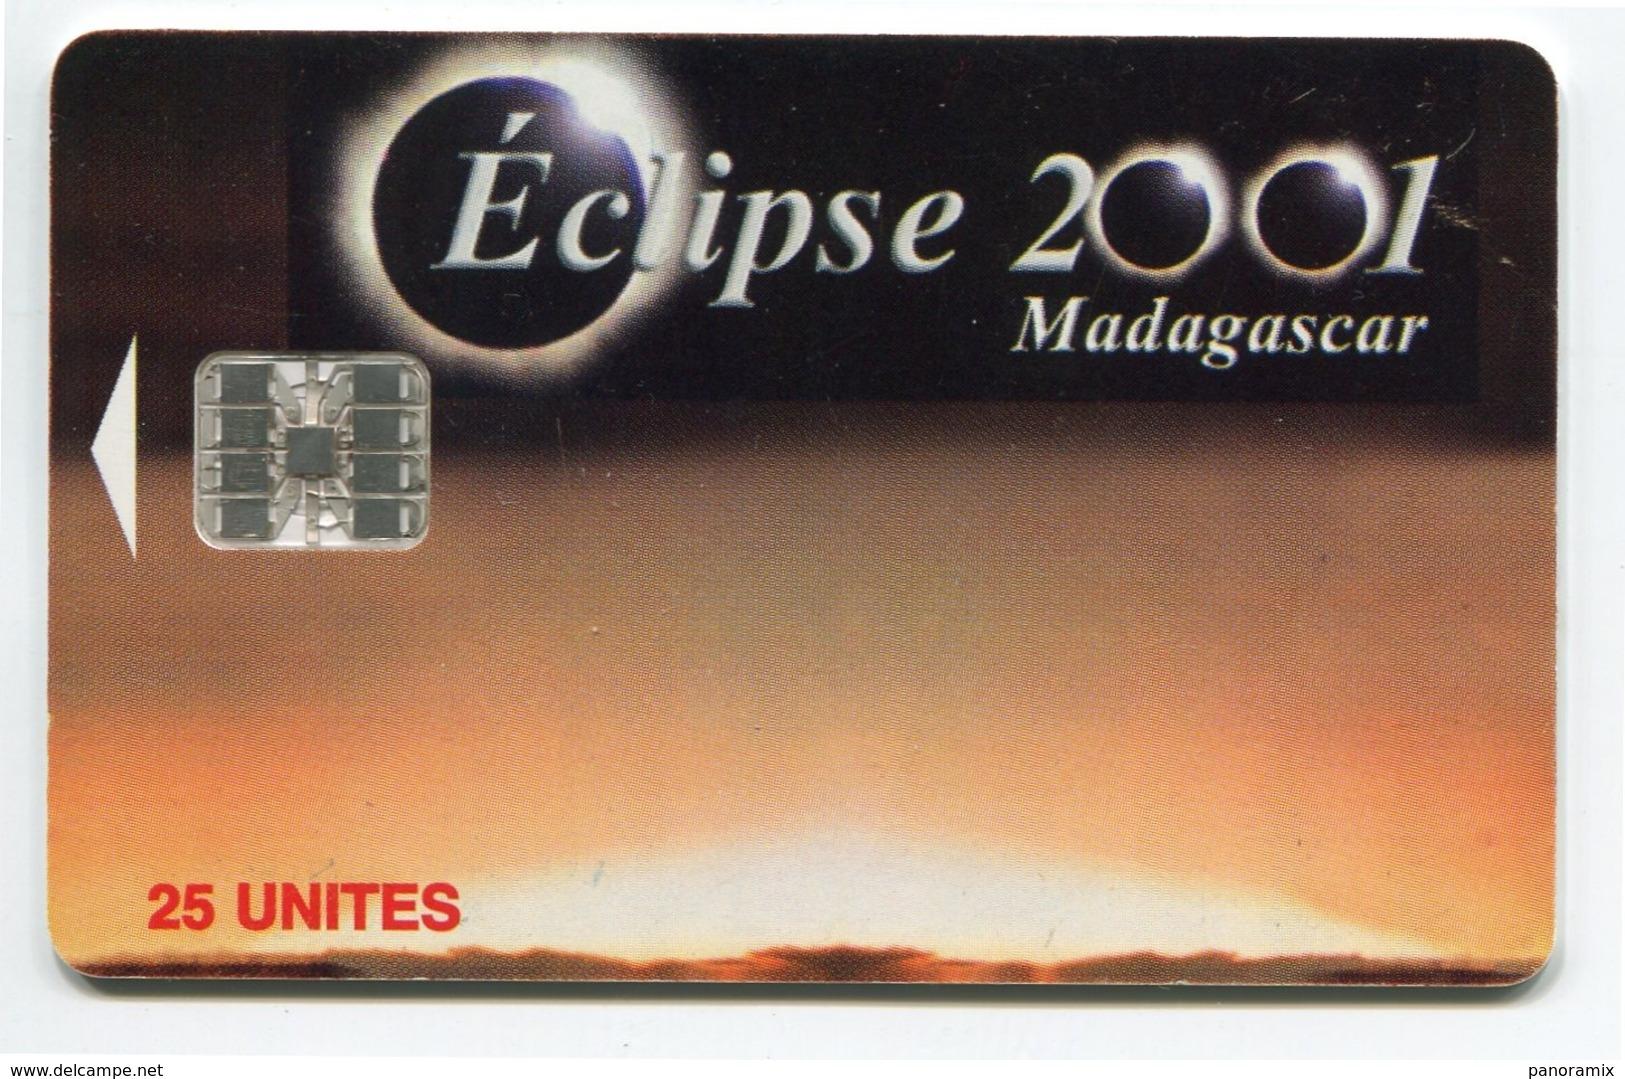 Telecarte °_ Madagascar-25 Unites-Eclipse 2001-Sc7- R/V 0664 - Madagascar